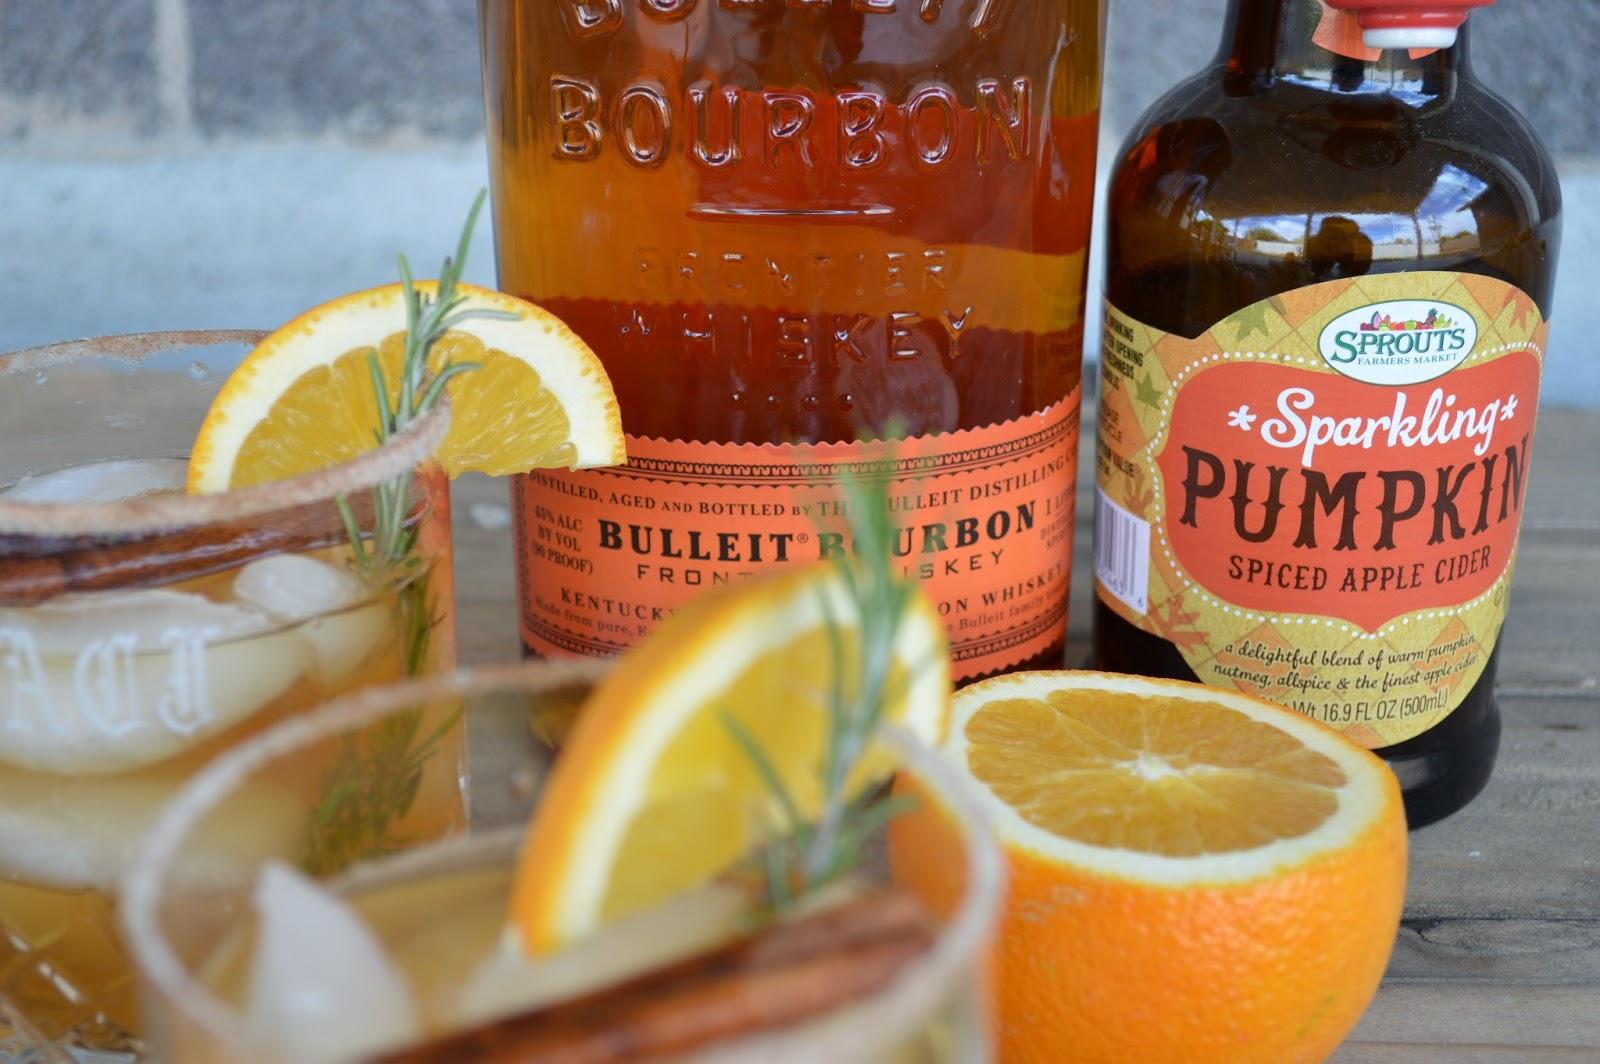 ... Dog It's a Food Blog: Sparkling Pumpkin Apple Cider Bourbon Cocktails